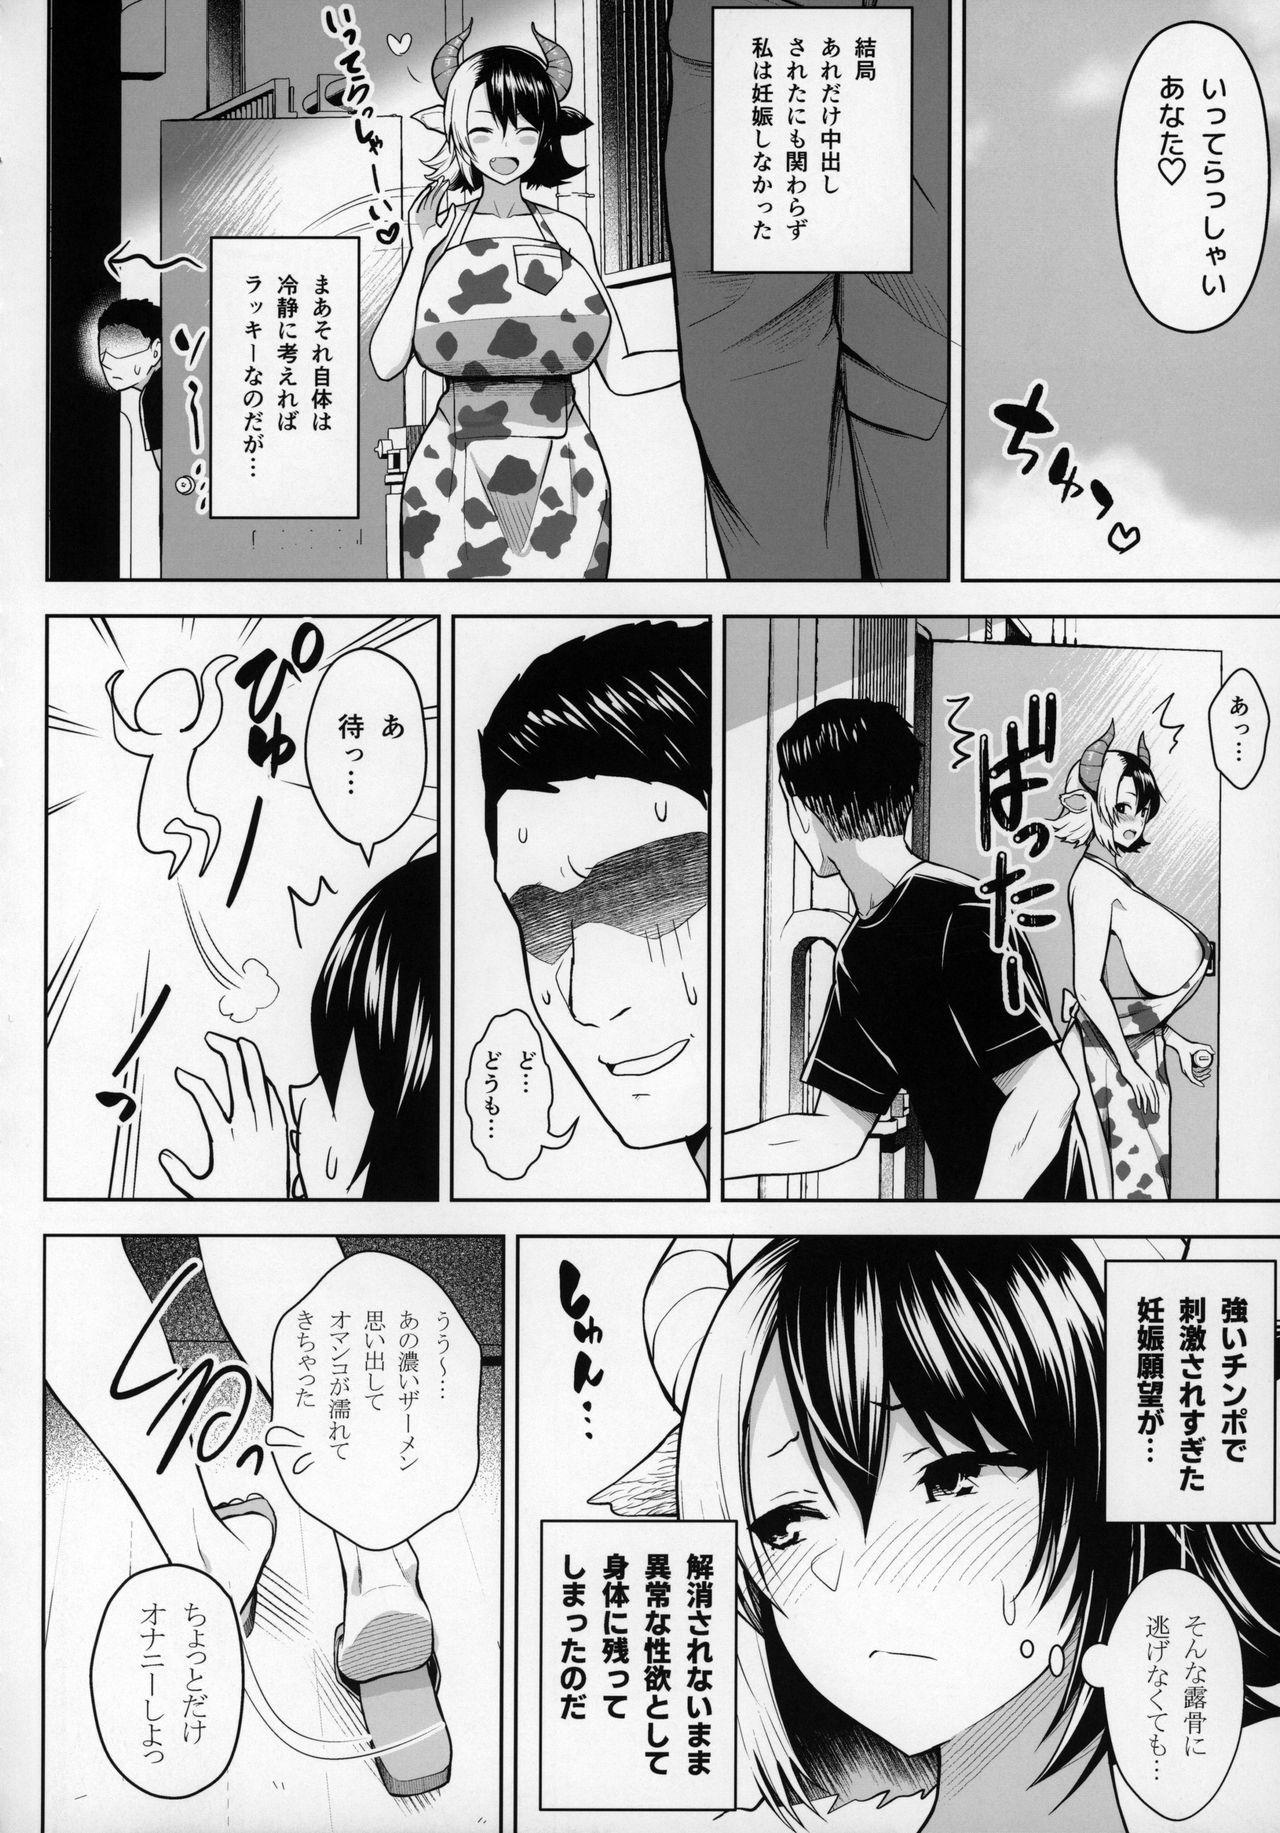 Oku-san no Oppai ga Dekasugiru no ga Warui! 2 30